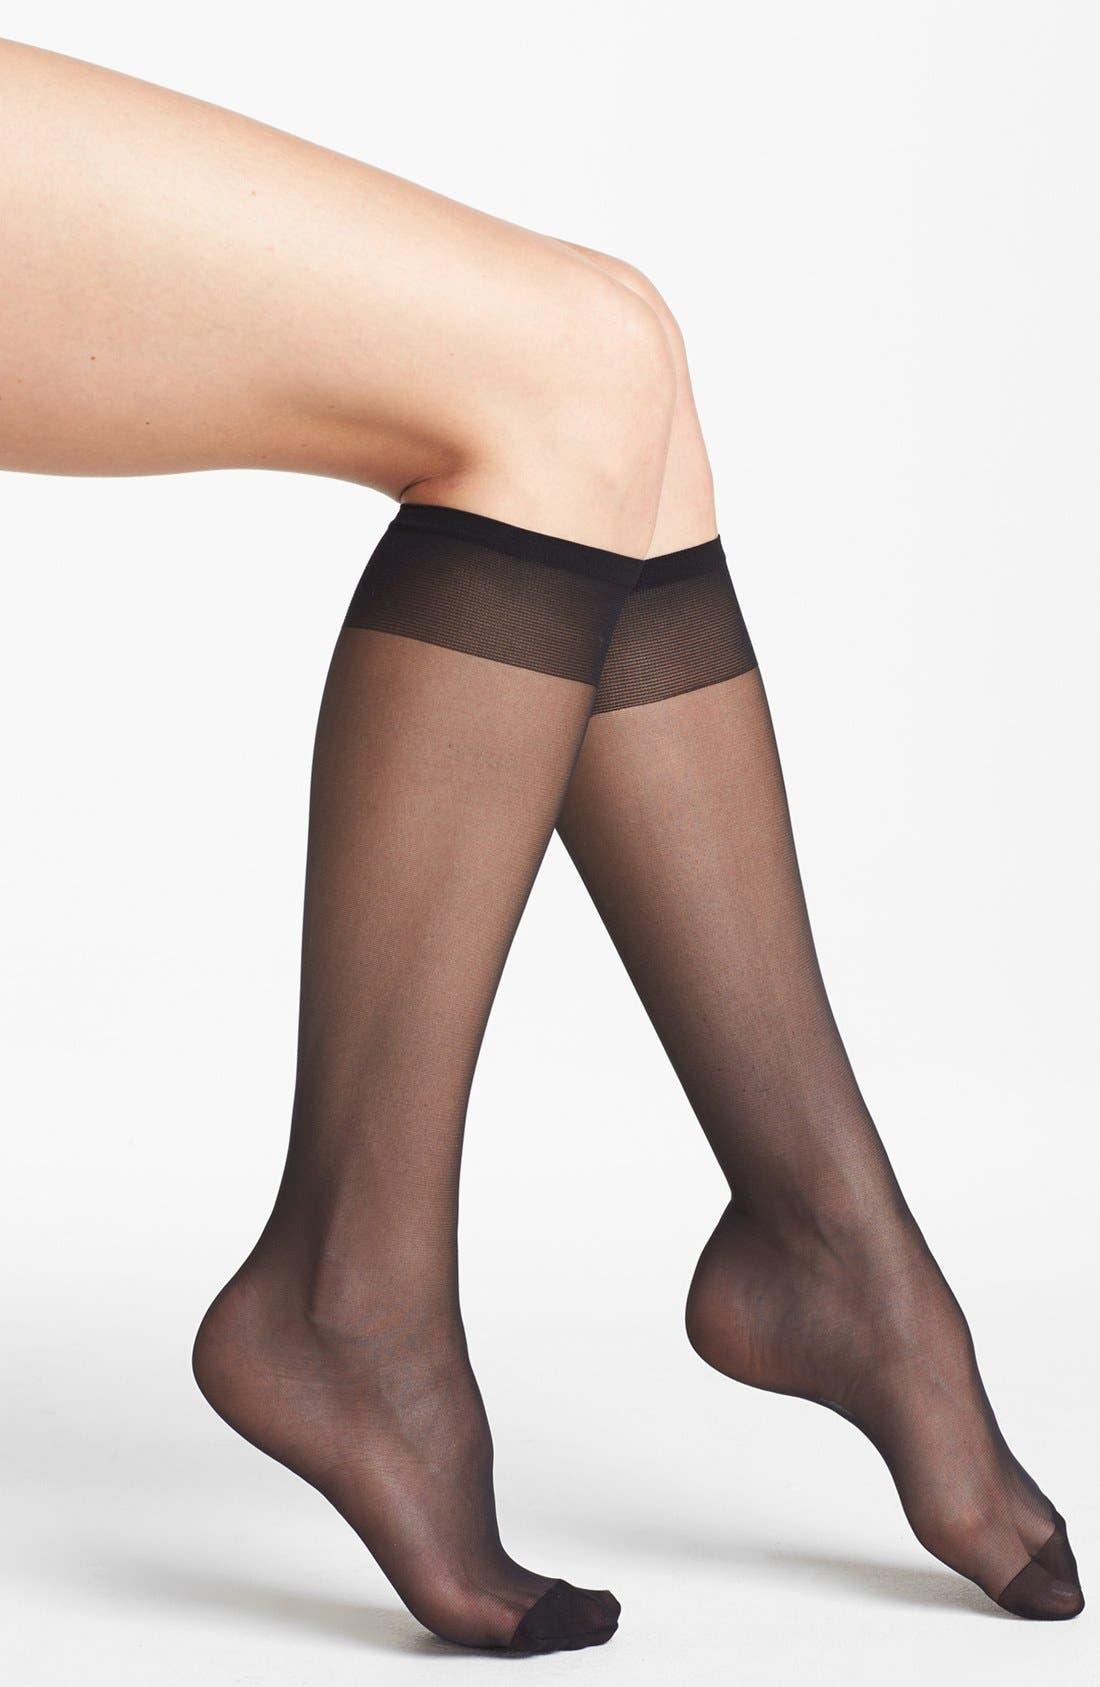 Main Image - Nordstrom Sheer Knee High Trouser Socks